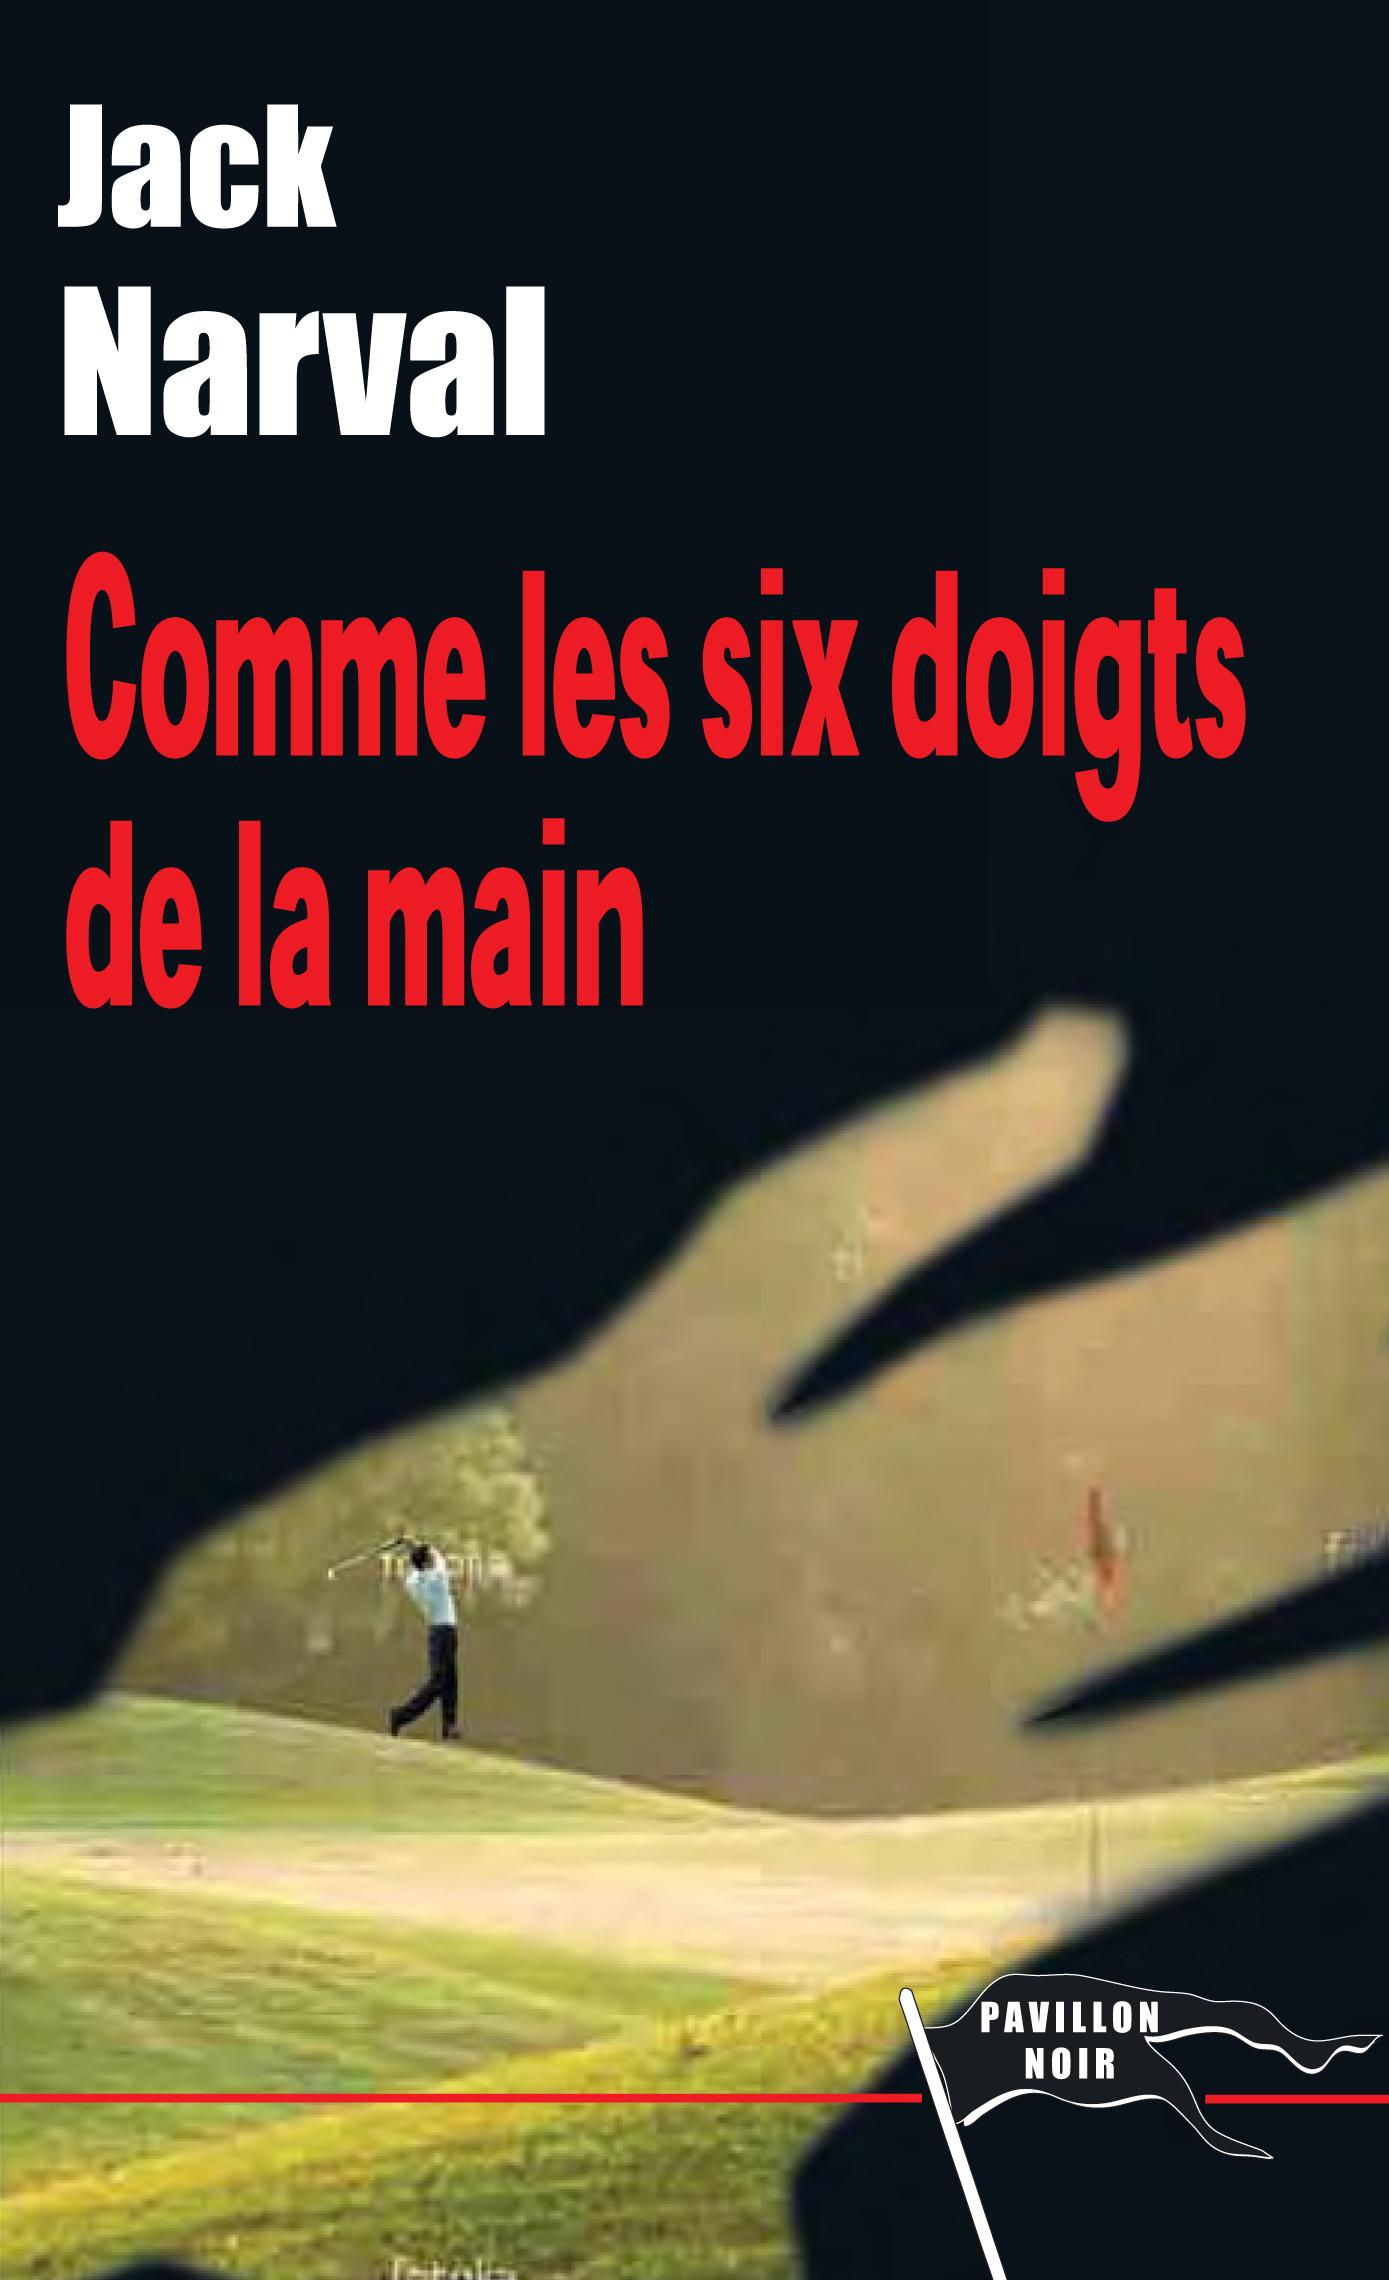 COMME LES SIX DOIGTS DE LA MAIN